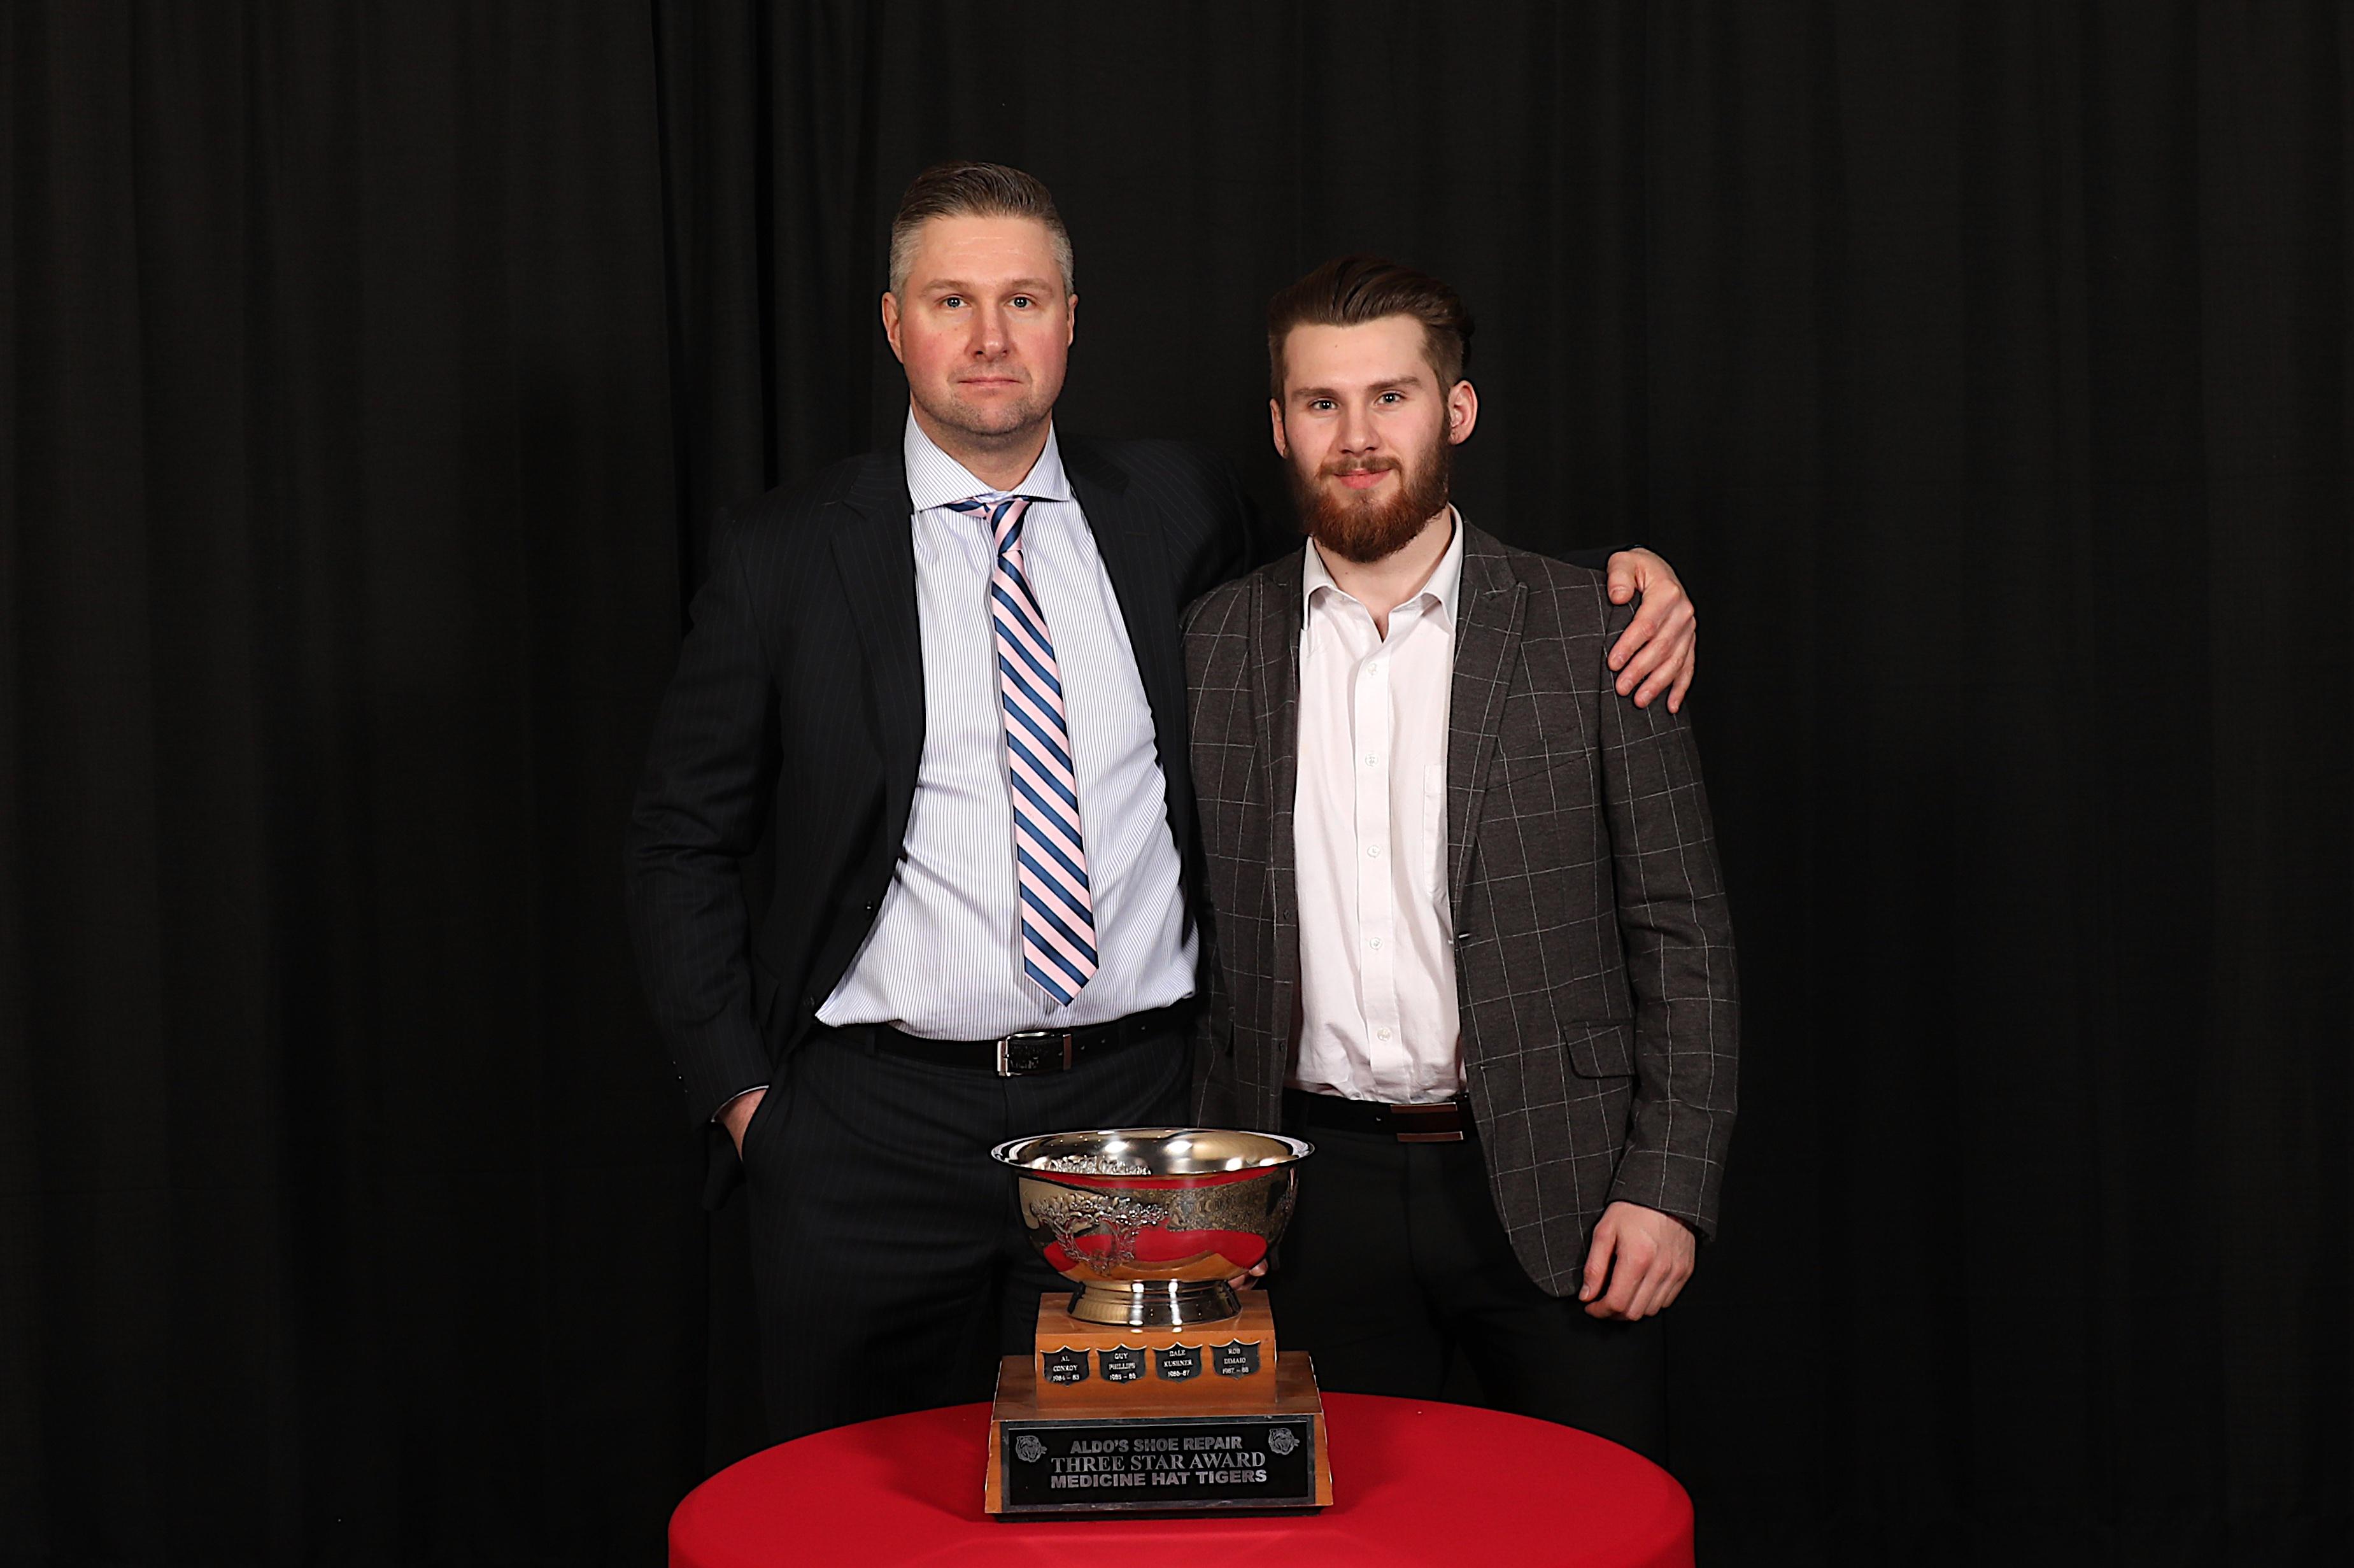 AC Ryan Smith presented Ryan Jevne with the Aldo's Shoe Repair 3 Star Award